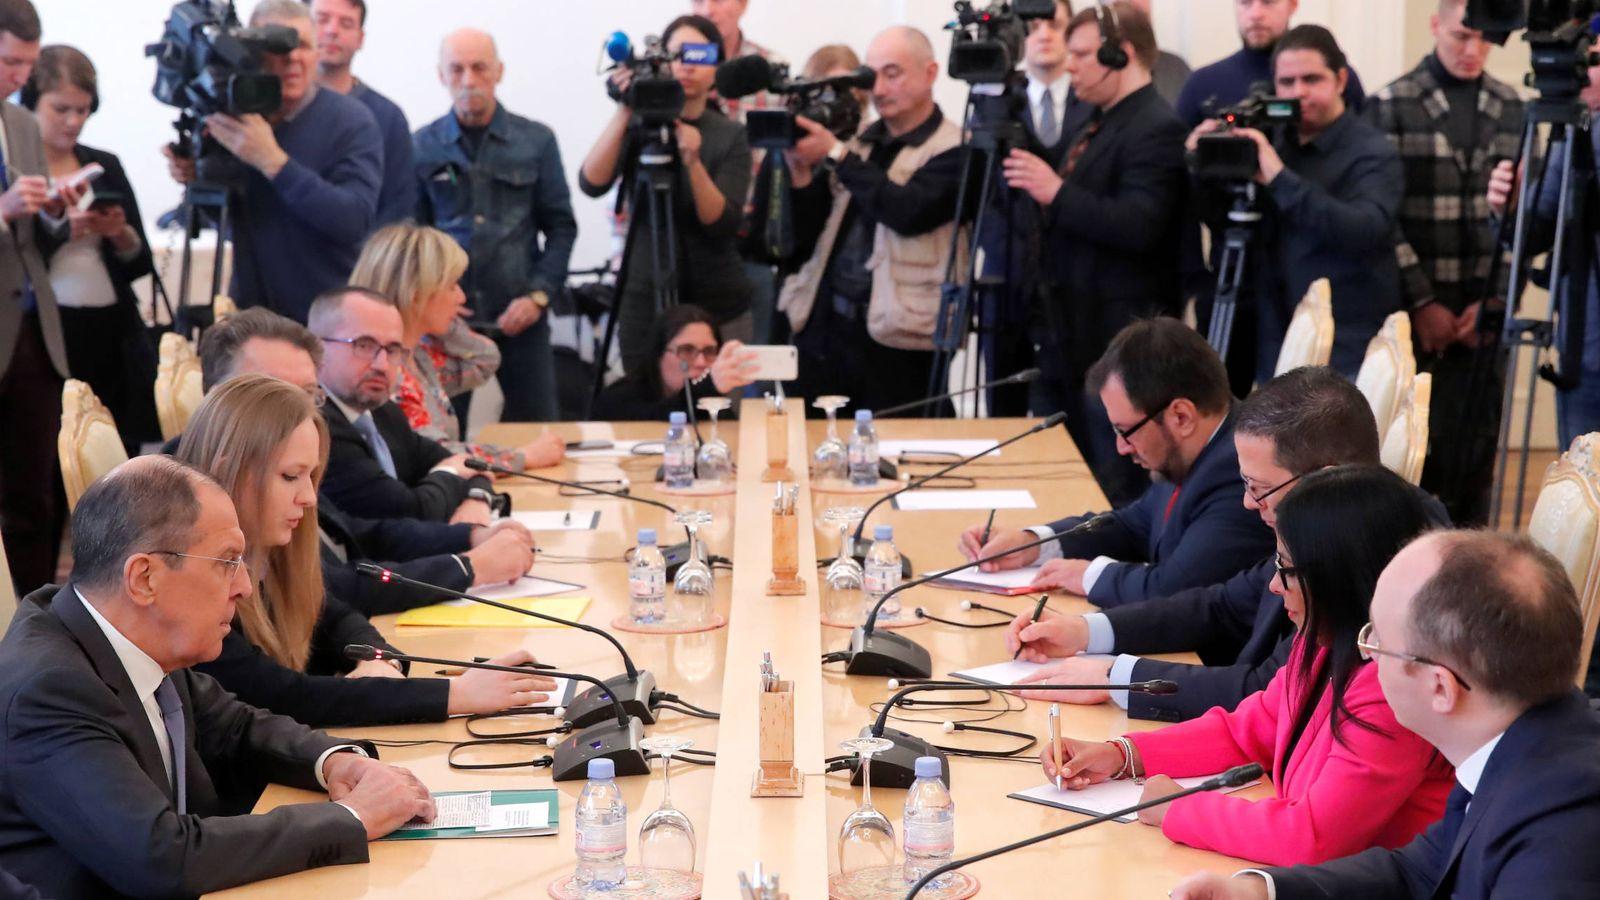 Foto: Delcy Rodríguez, vice presidente de Venezuela, con el ministro de Exteriores ruso Sergei Lavrov, en Moscú. (Reuters)